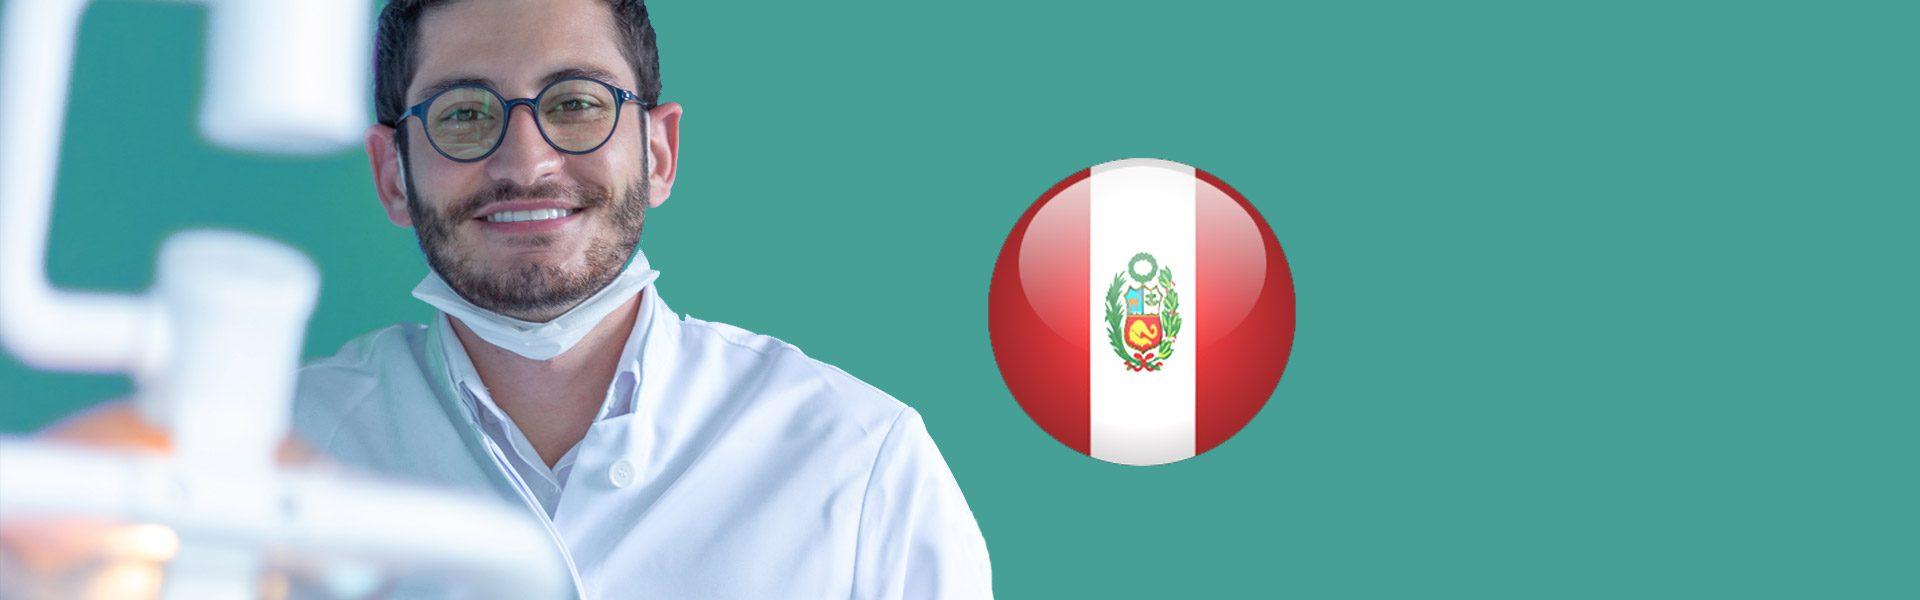 feliz día médico peruano